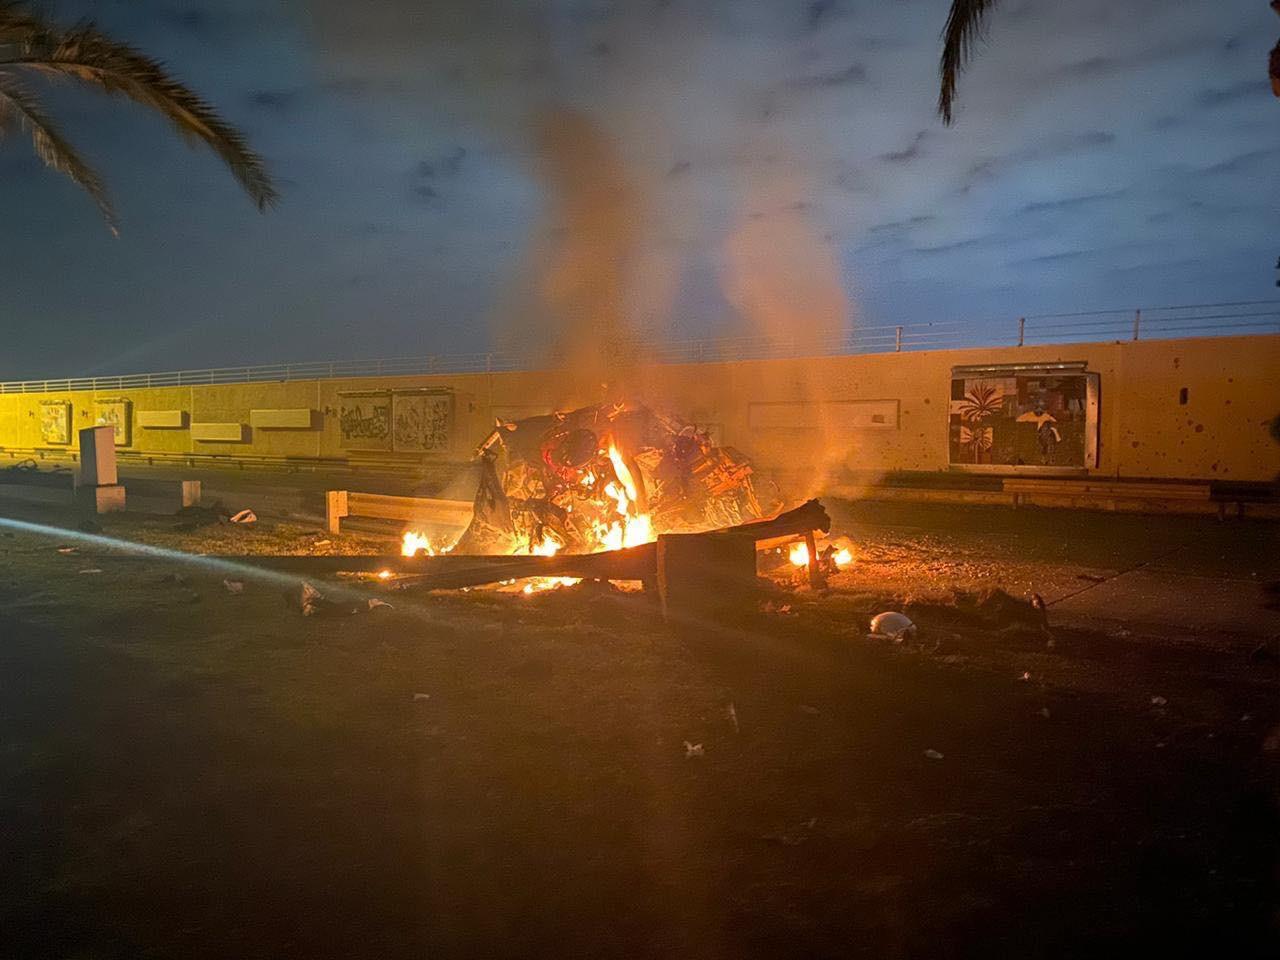 不息关注丨伊拉克再遭美军空袭 卡西姆·苏莱马尼身亡